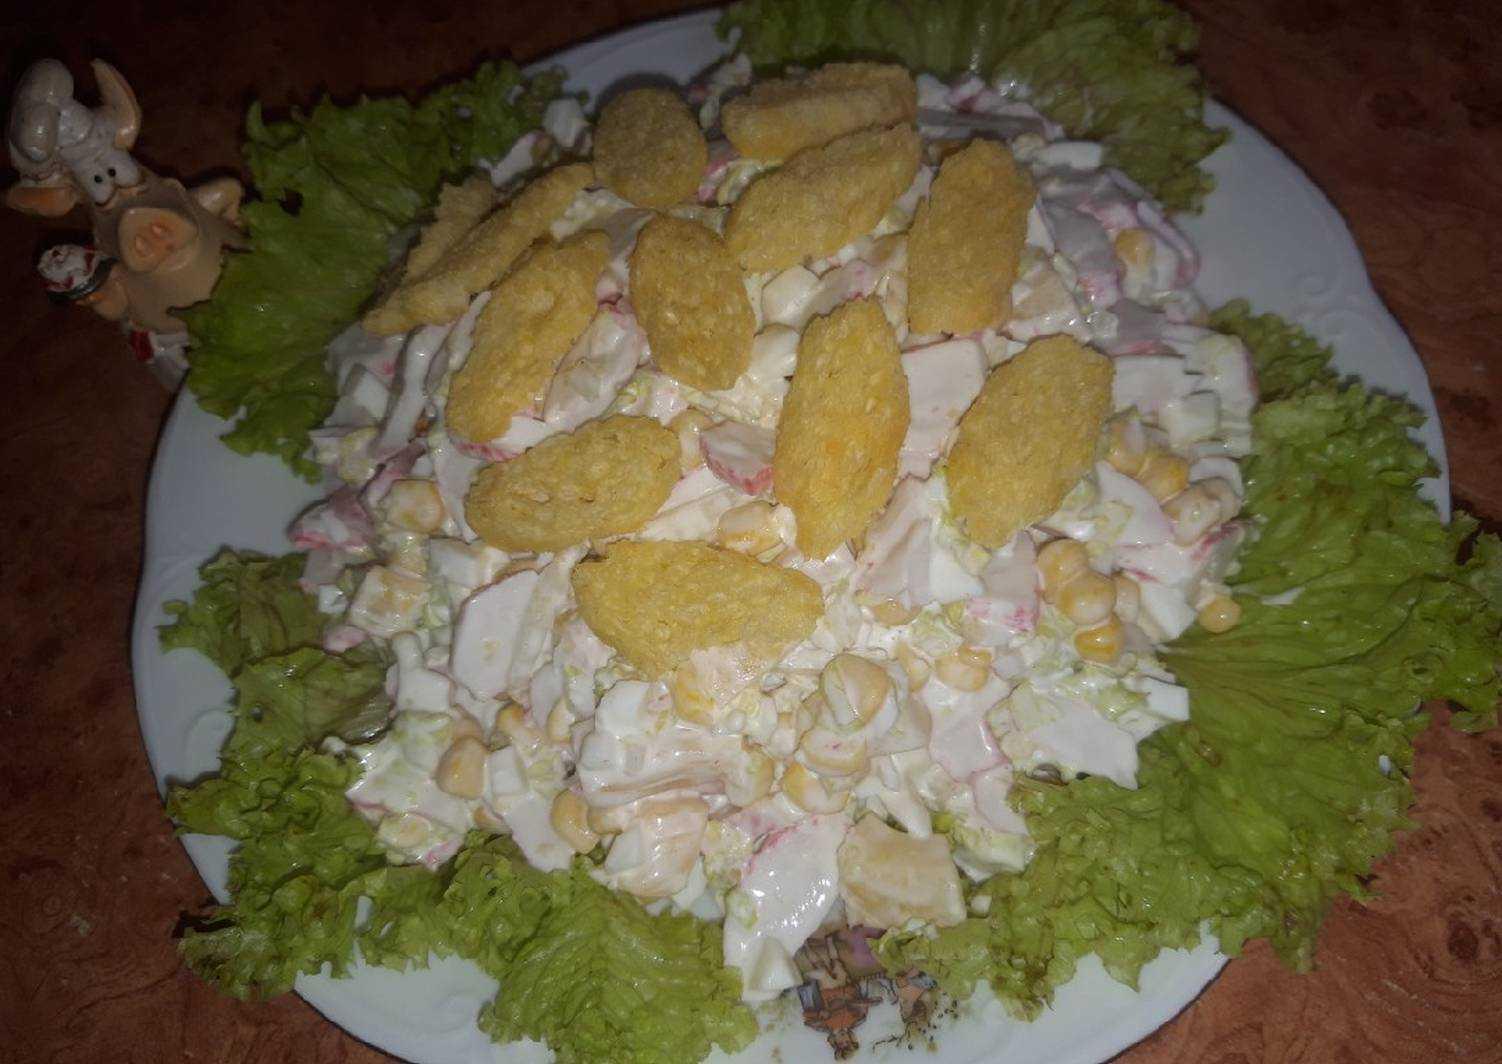 Салат с крабовыми палочками и ананасом - рецепт с пошаговыми фото   ne-dieta